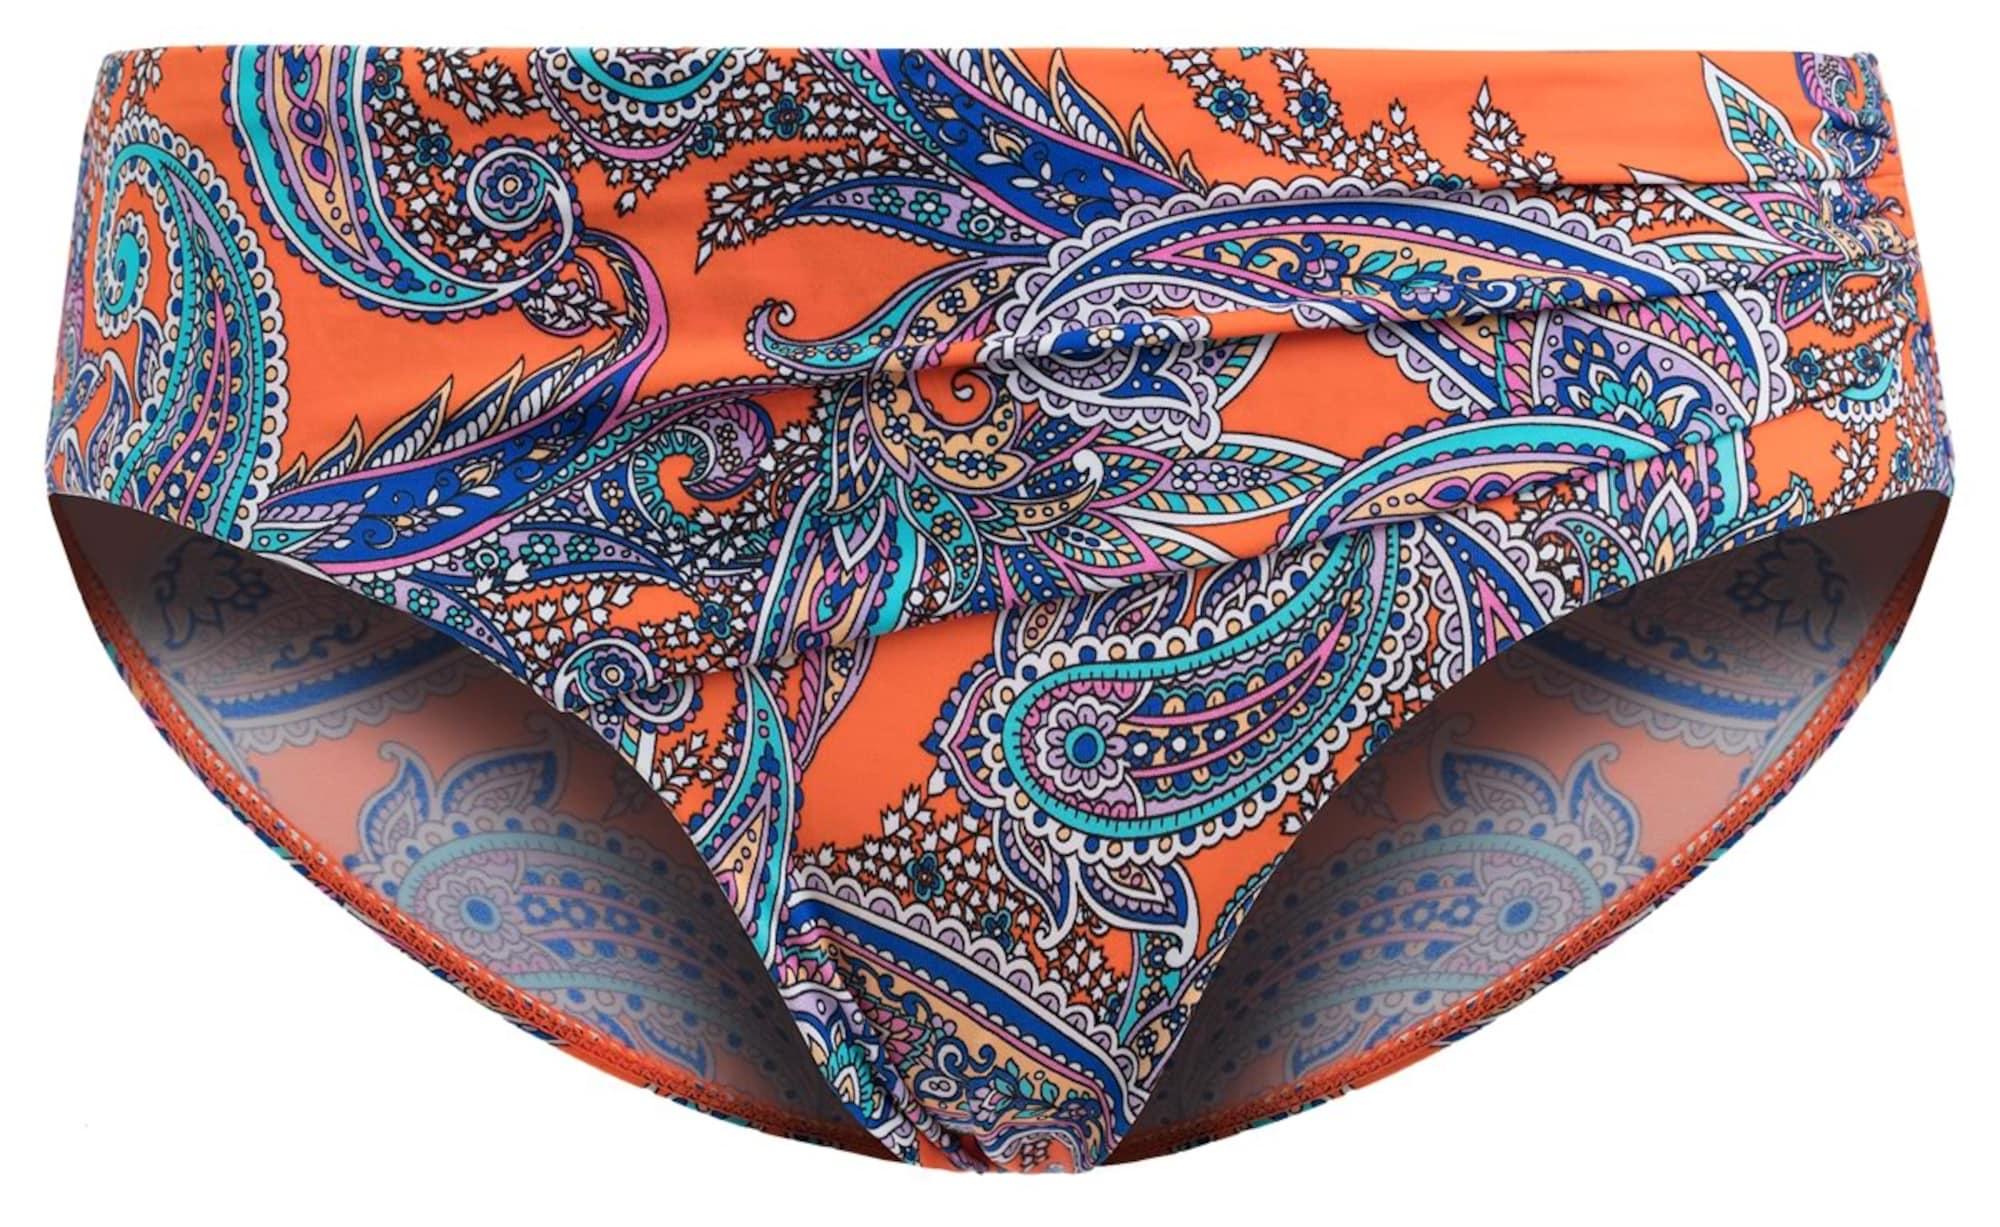 Spodní díl plavek PAISLEY SUNSET světlemodrá tmavě modrá oranžová PALMERS